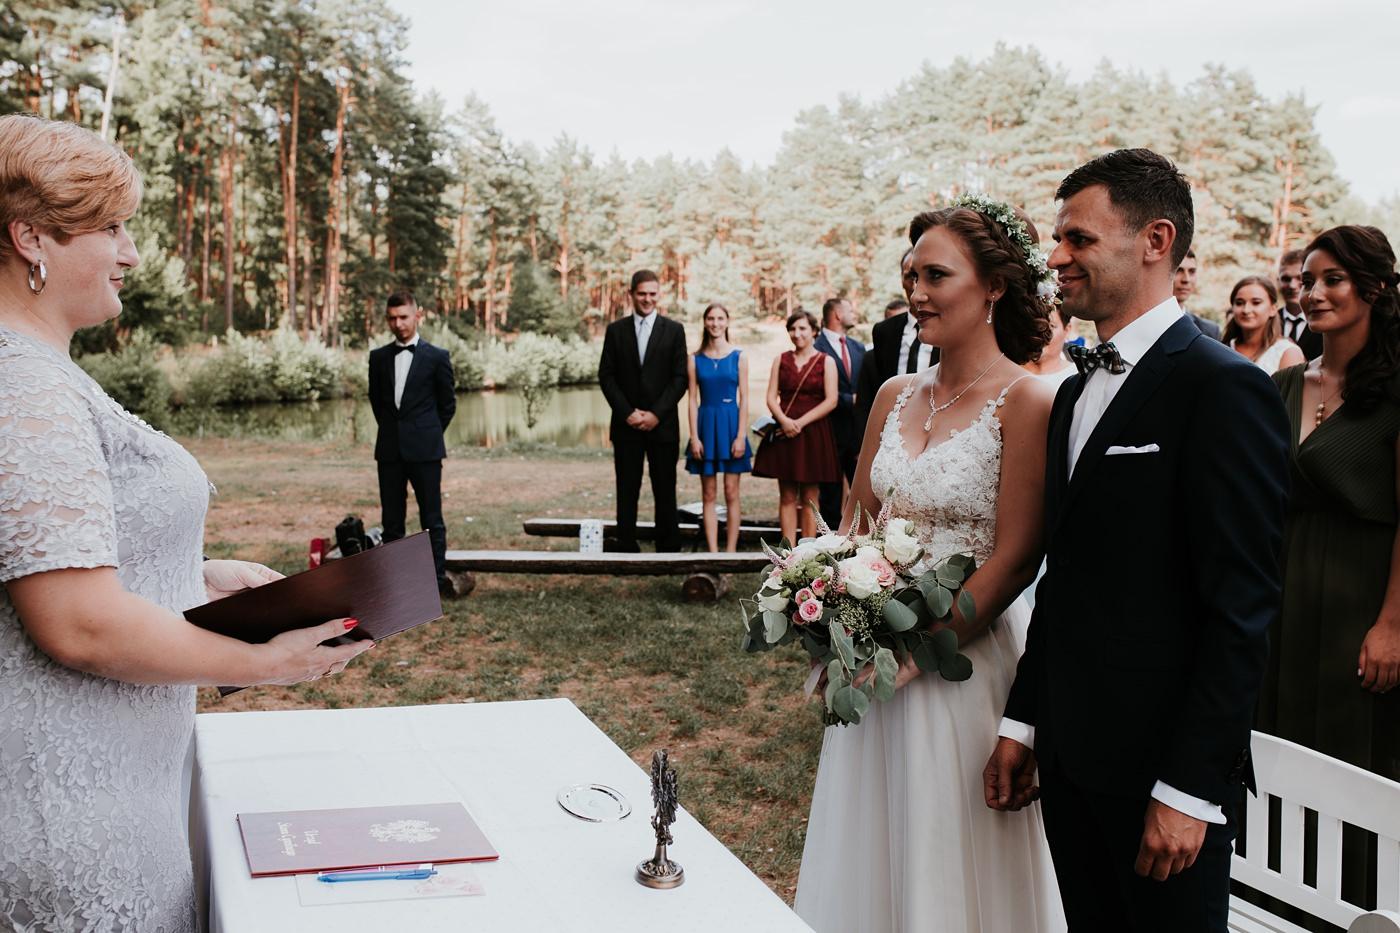 Anna & Wojtek - Ślub cywilny w plenerze - Barnówko w Sam Las 55